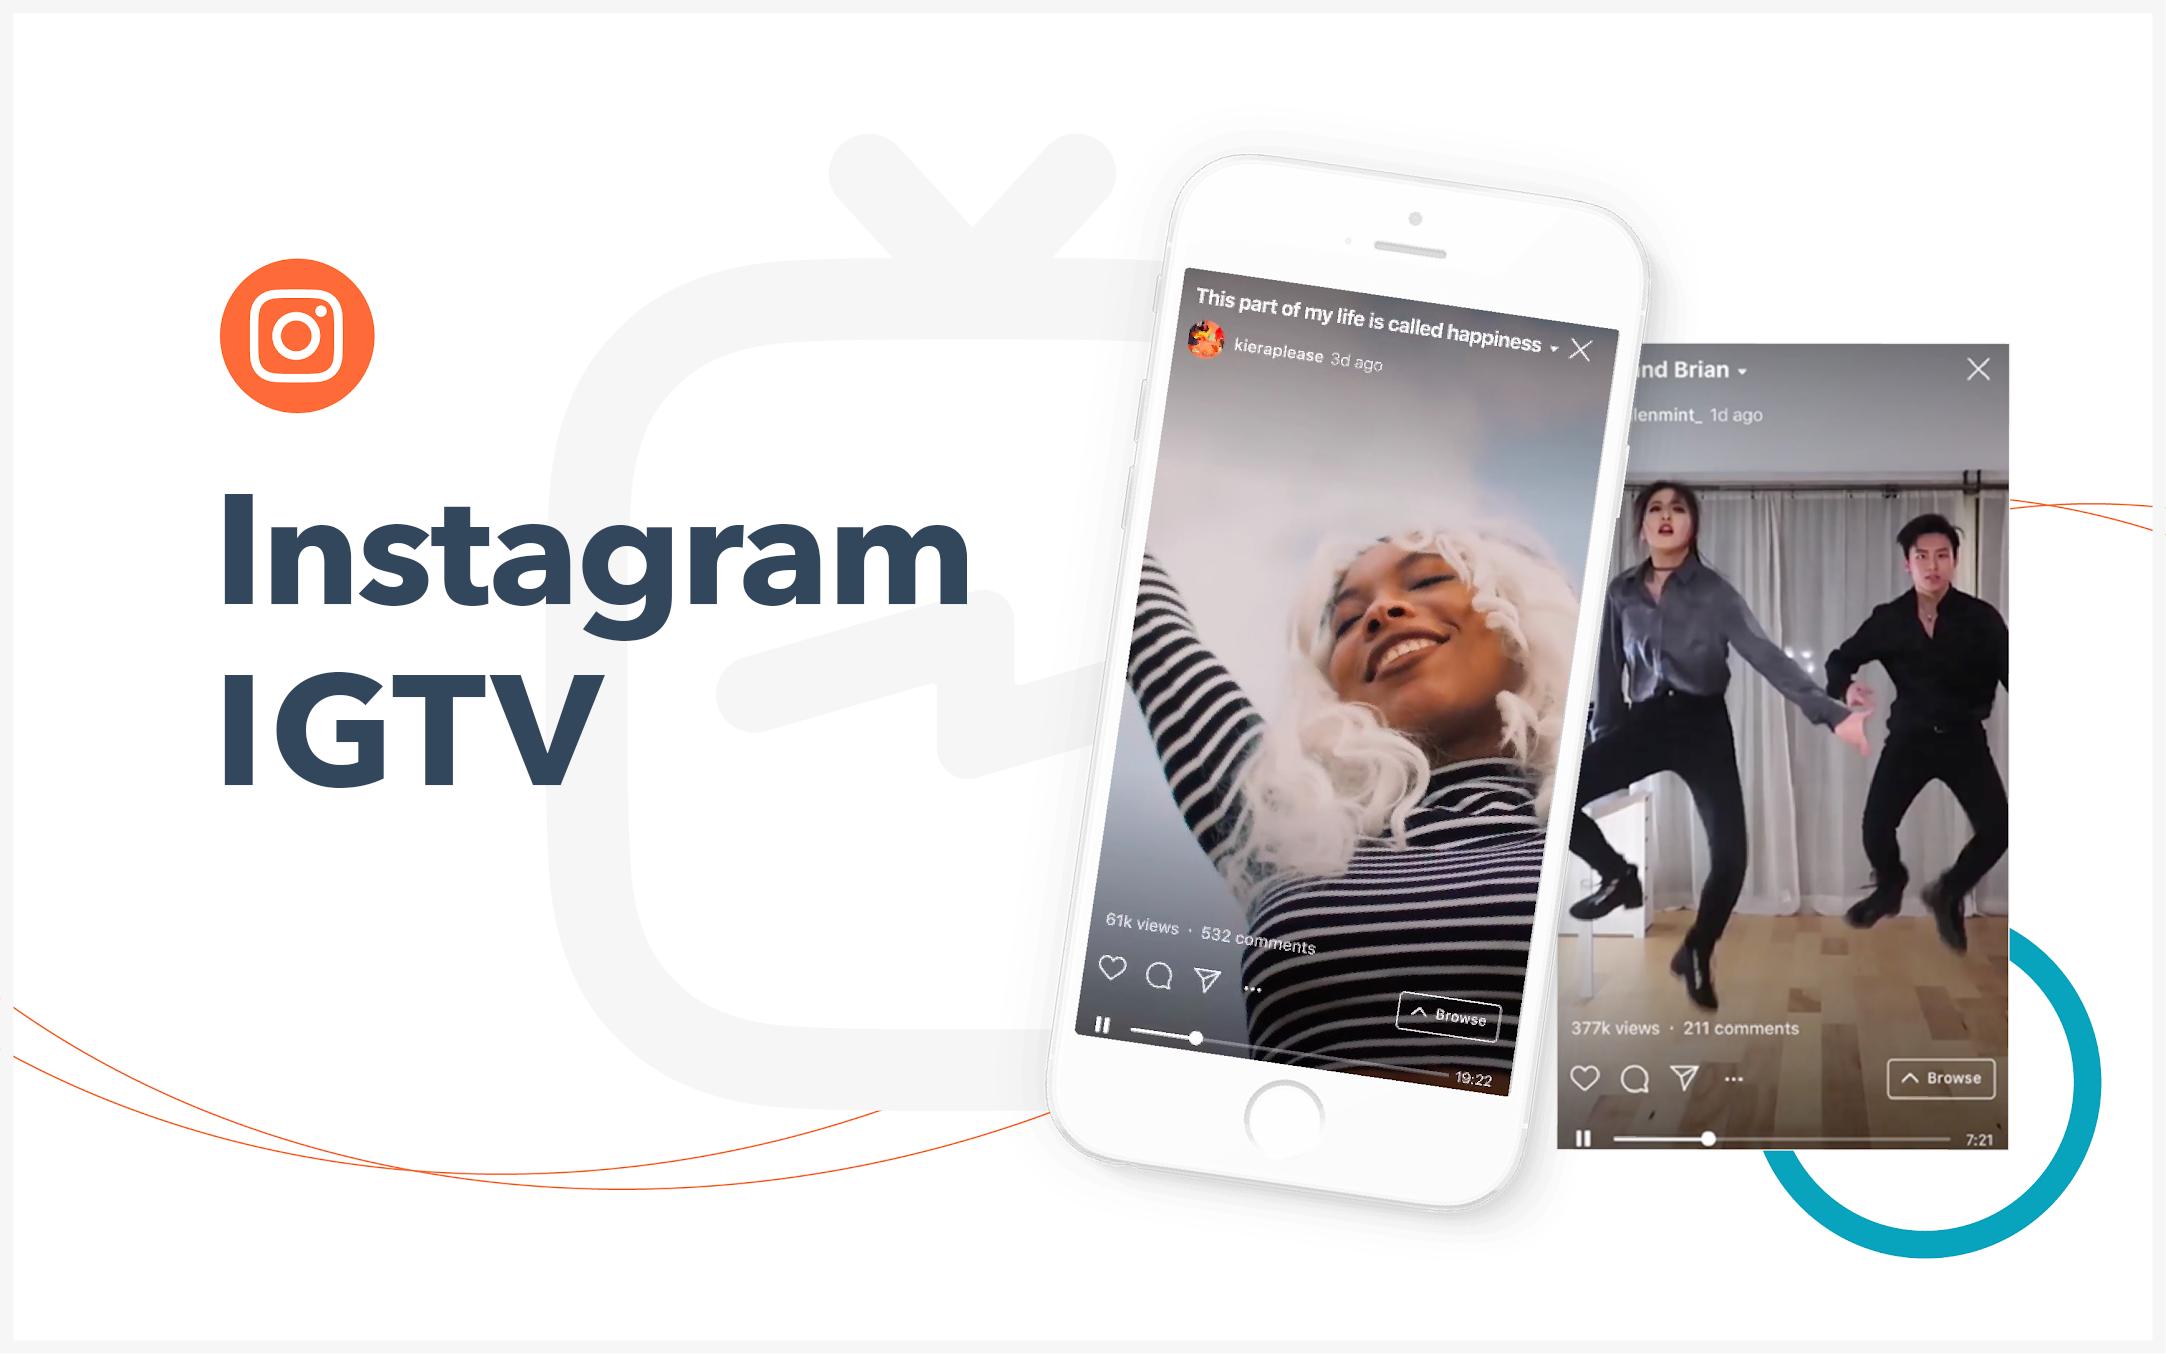 Descubre cuáles son las técnicas de marketing avanzado para Instagram